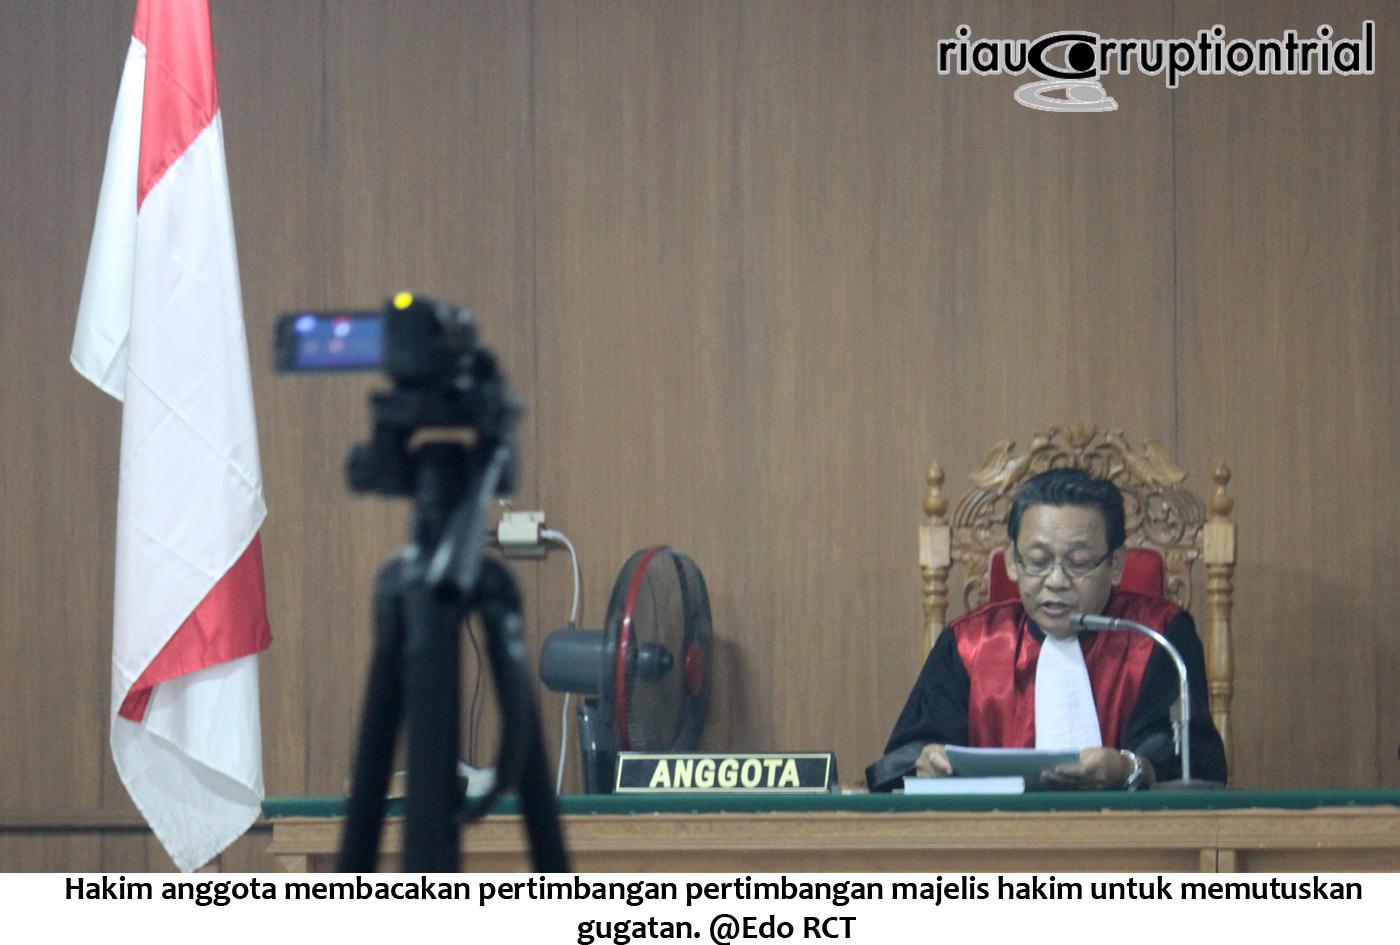 Hakim anggota membacakan pertimbangan ukt keputusan gugatan